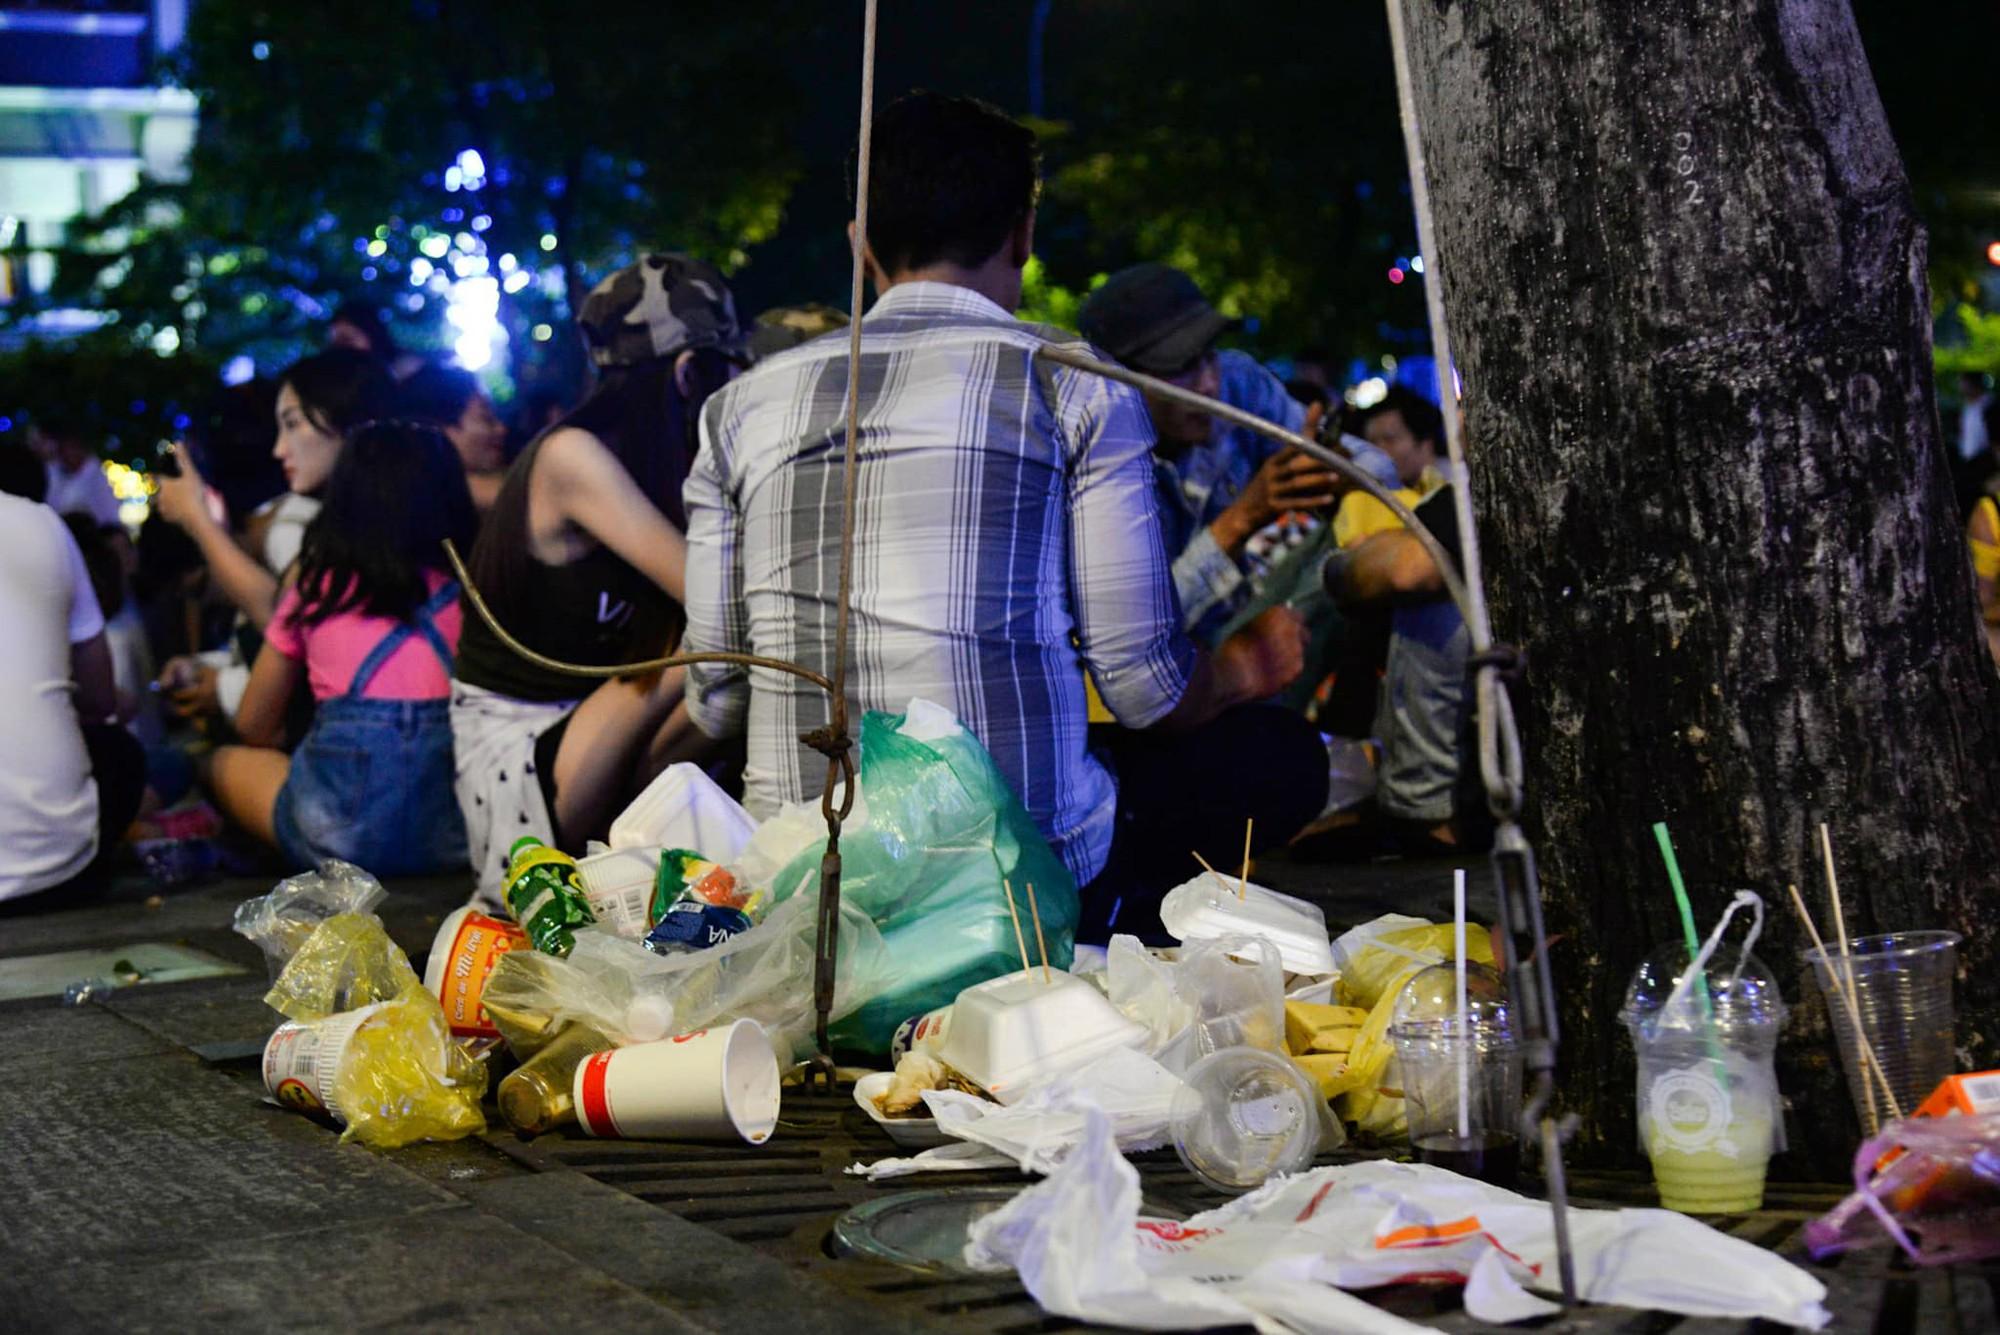 Hình ảnh nhìn thôi đã mệt: Thanh niên say bét nhè nằm lăn ra giữa phố đi bộ, trẻ con đi theo bố mẹ vạ vật chờ giao thừa - Ảnh 9.